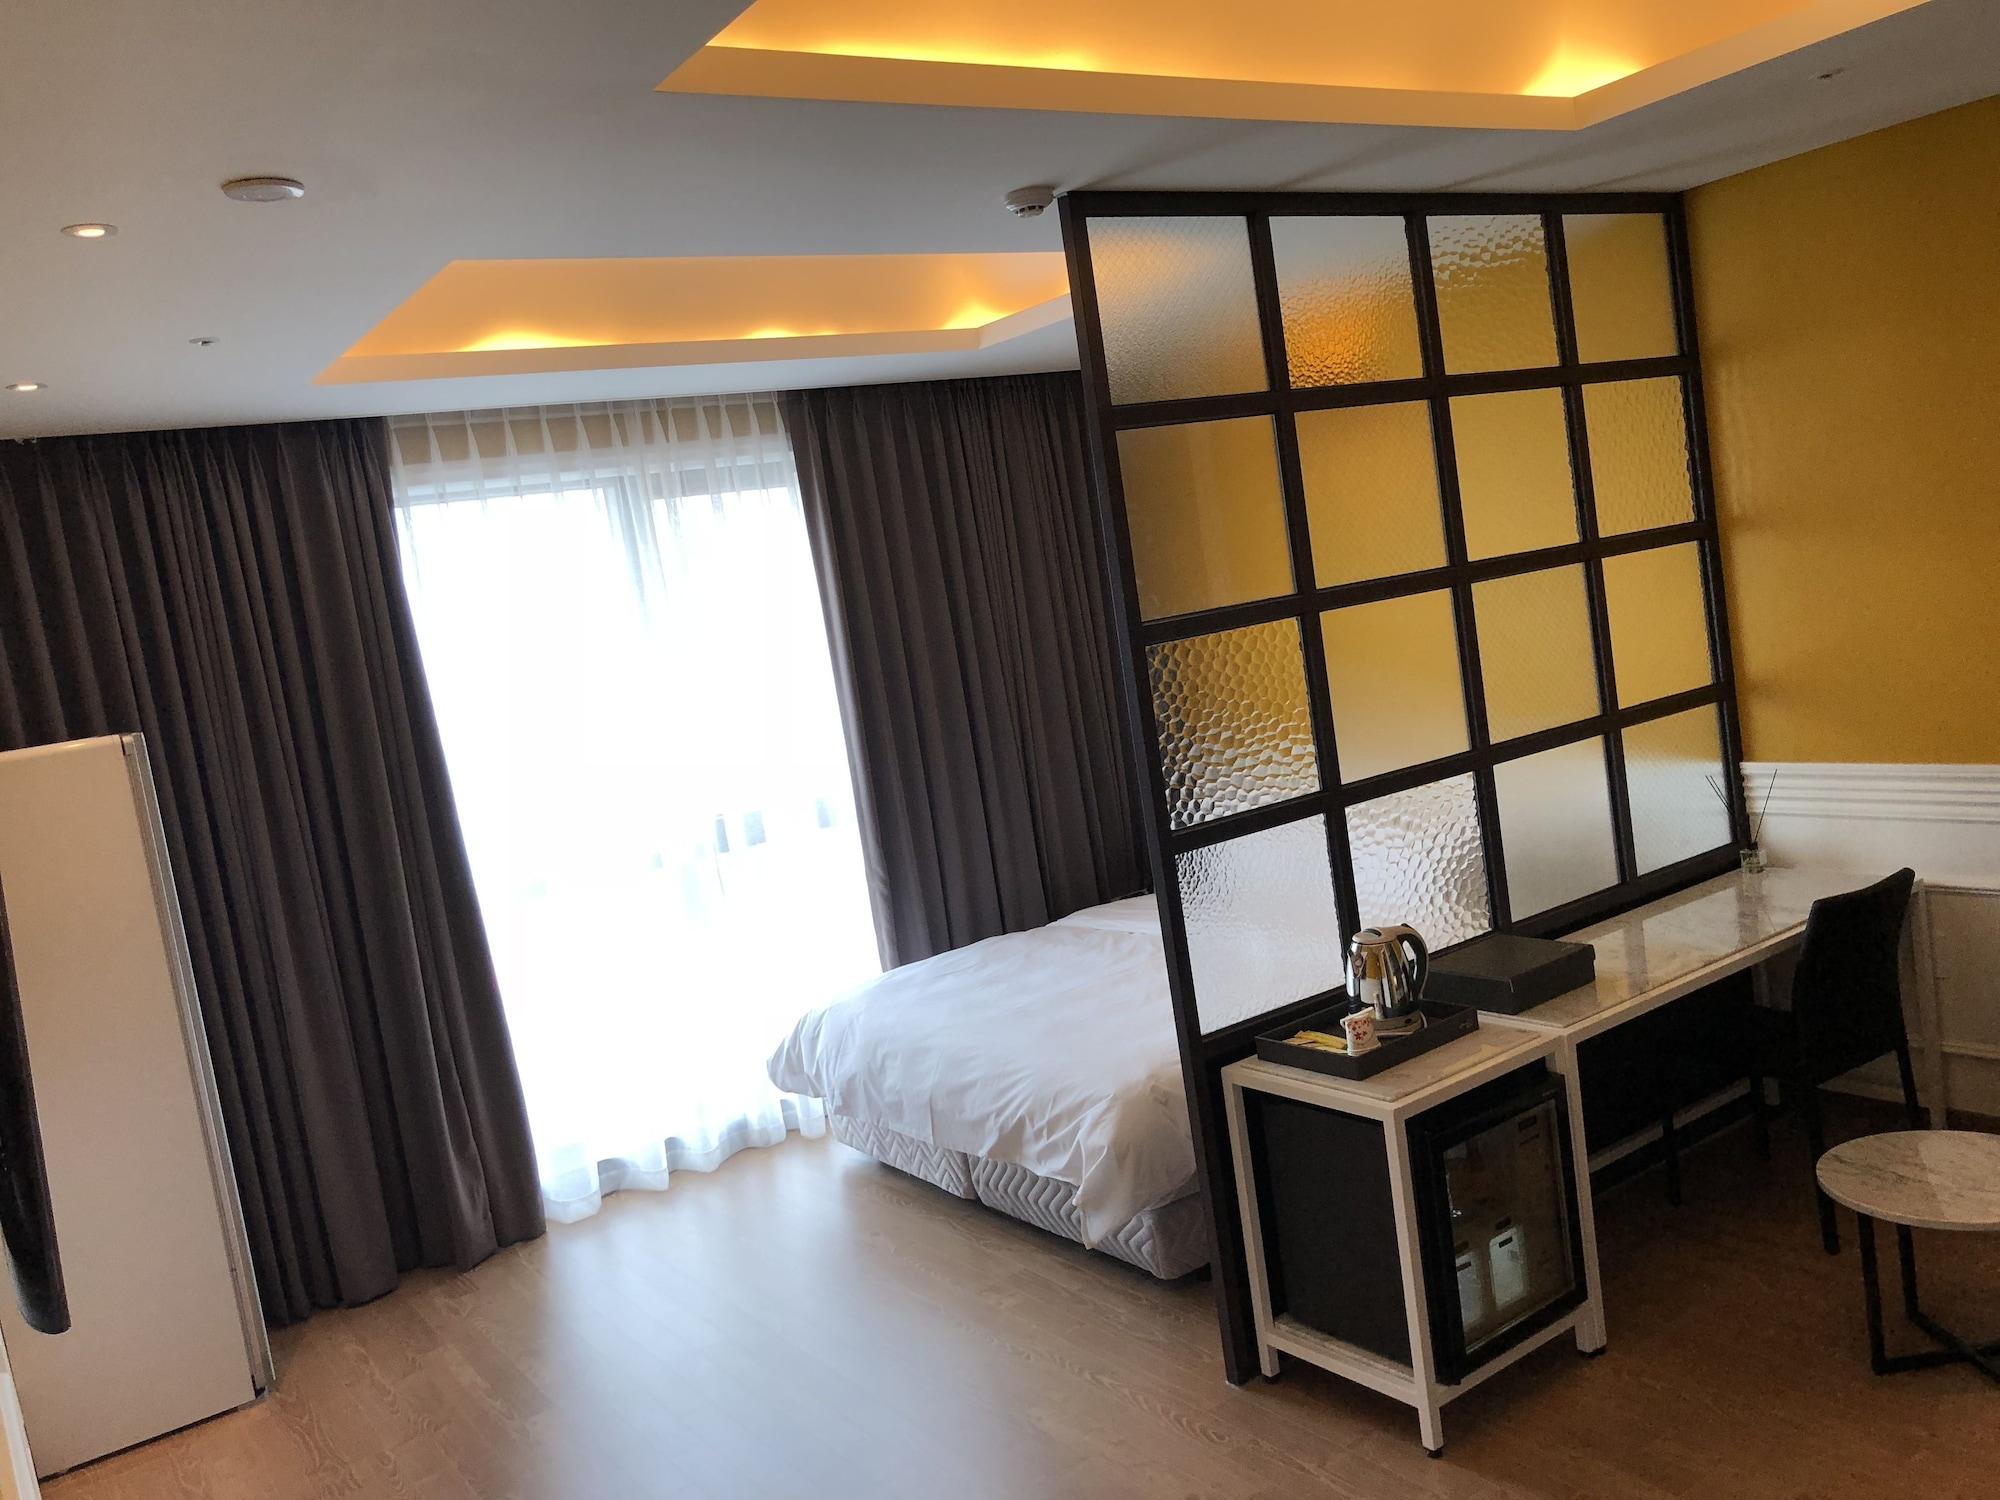 Hotel Morning Calm, Eumseong